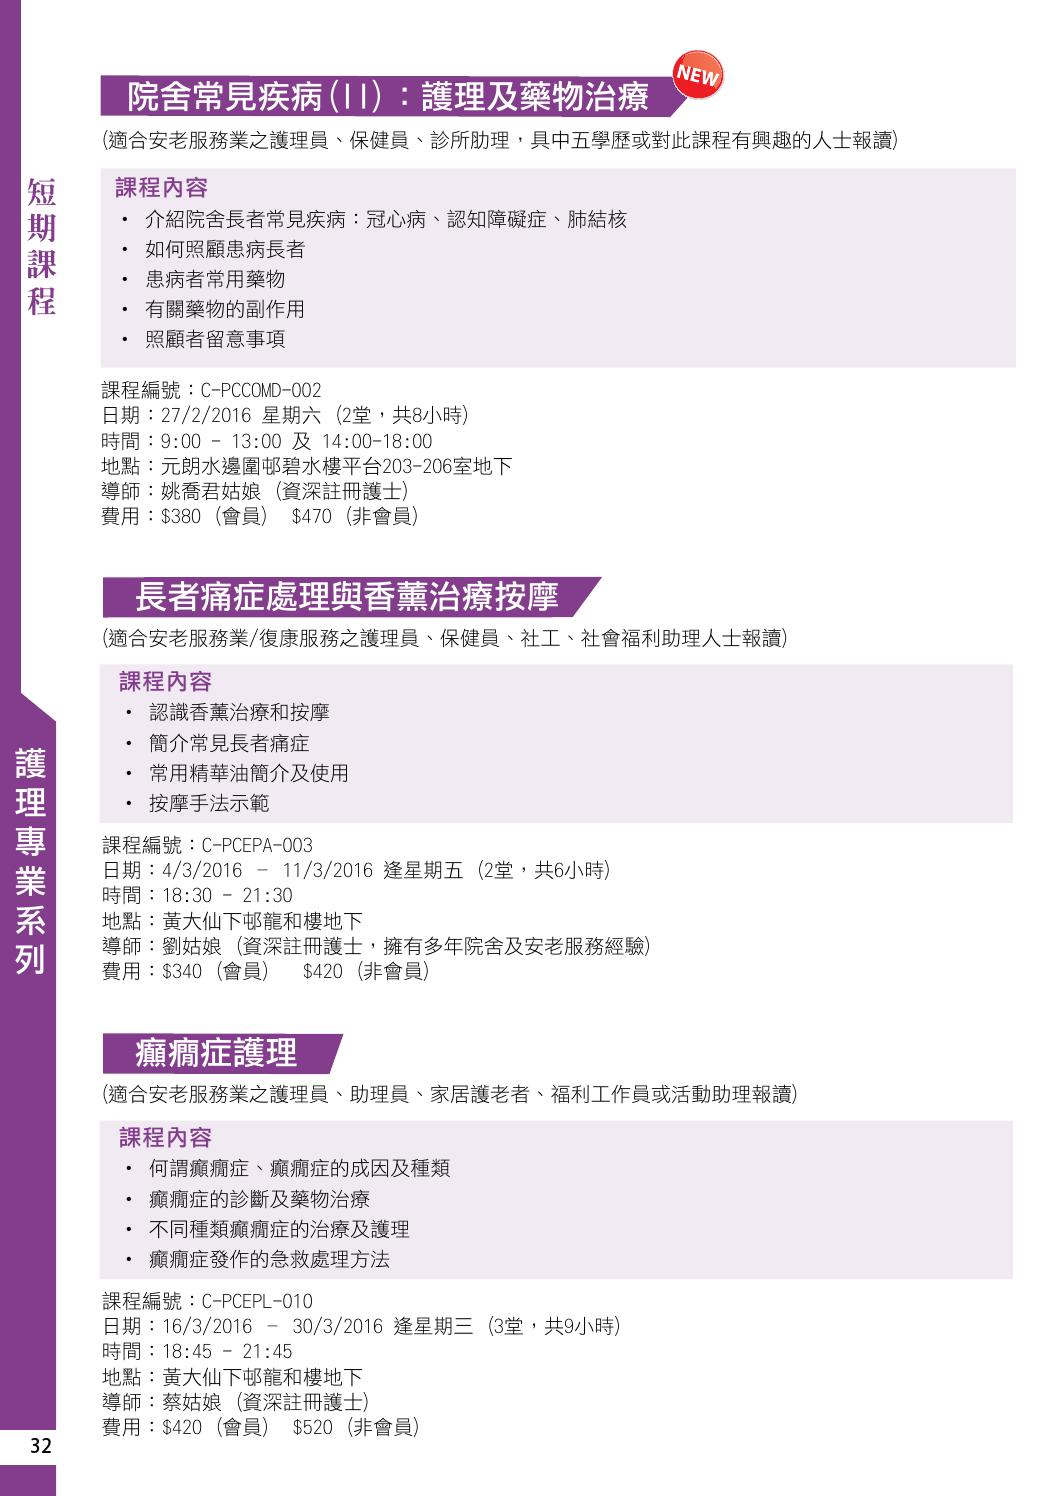 Merged by 香港職業發展服務處 - Issuu